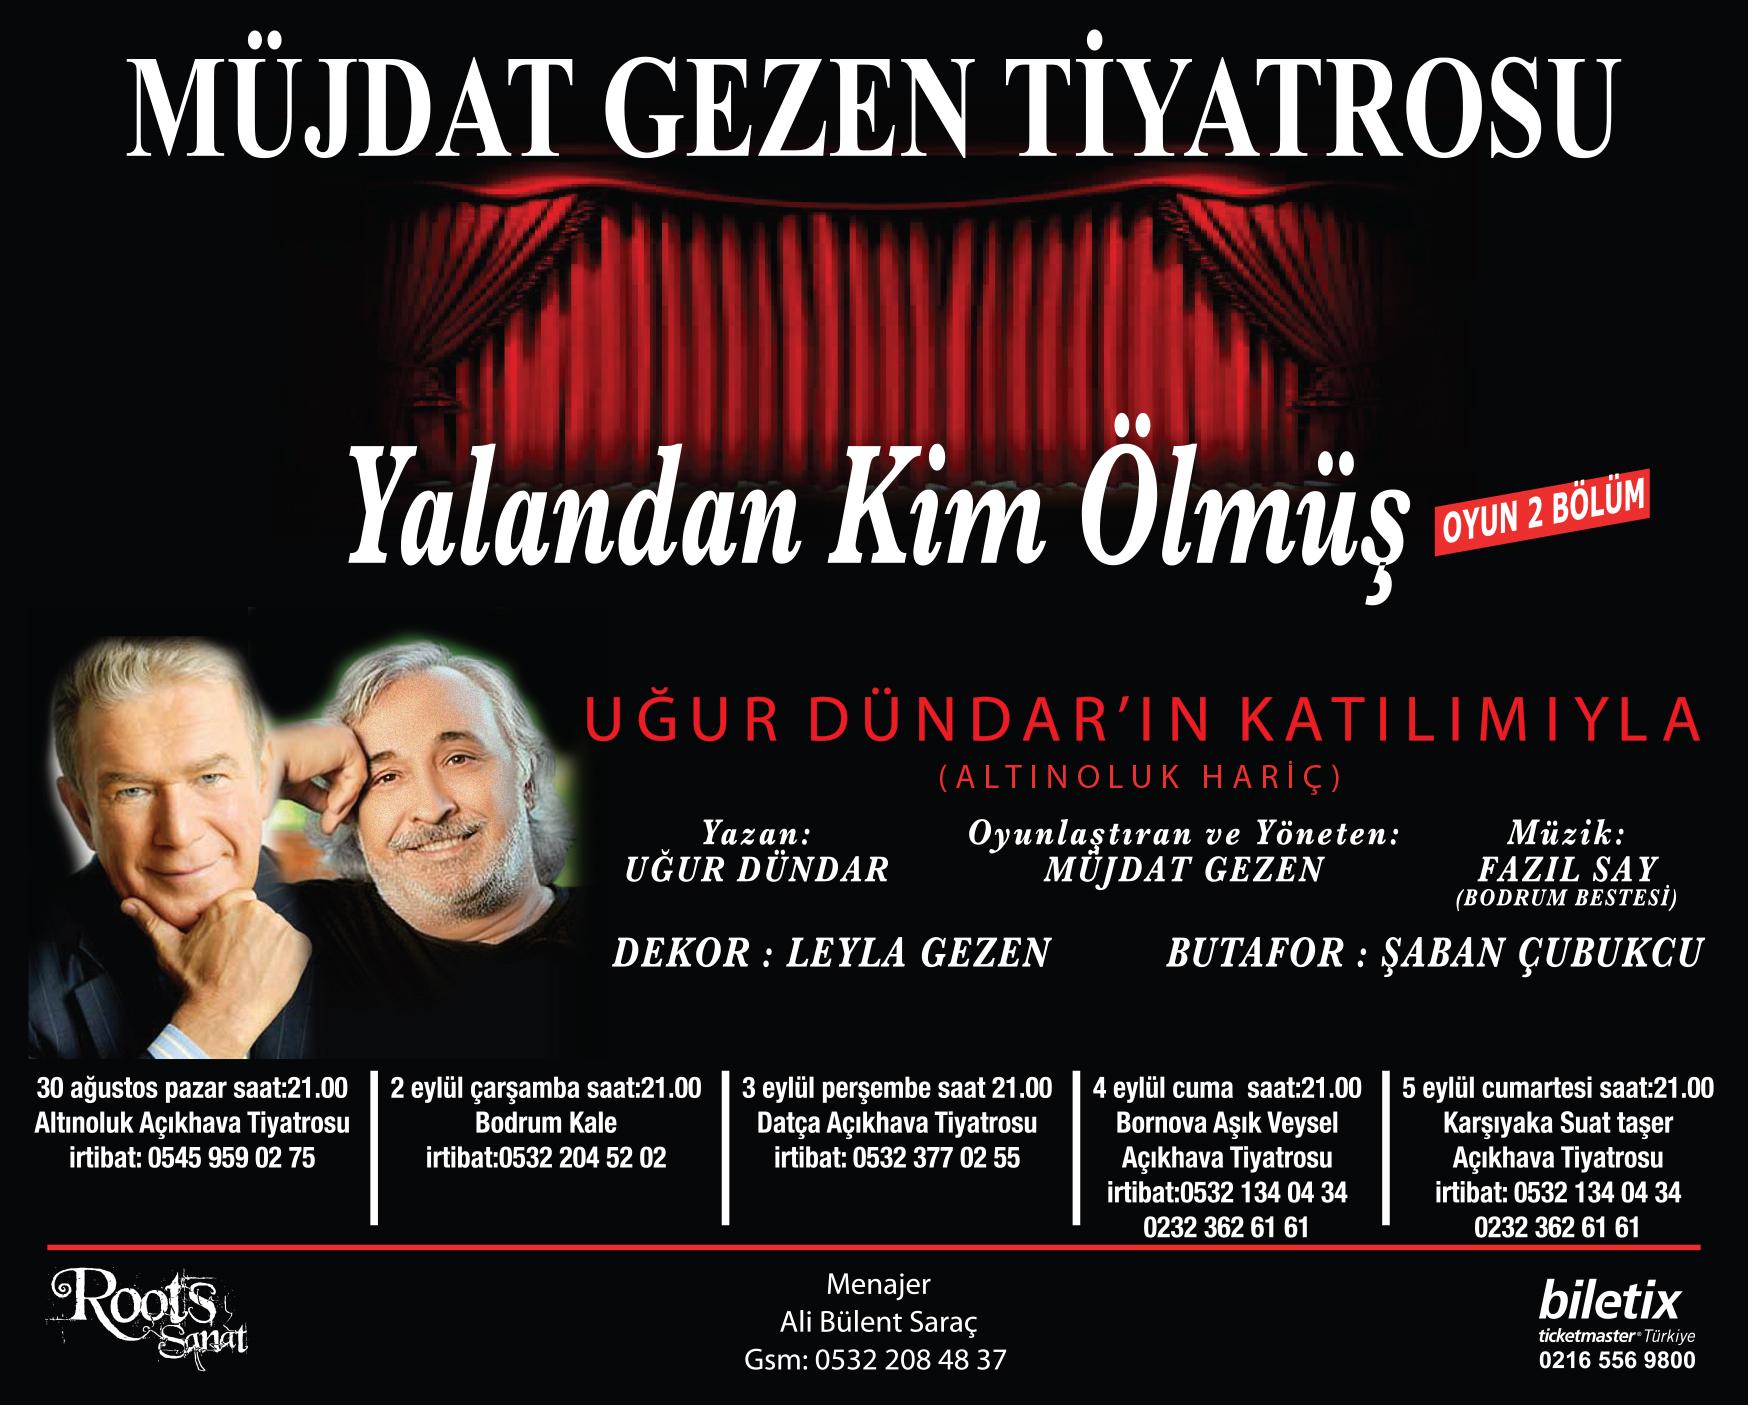 müzdat gezen tiyatrosu tanıtım ilanı